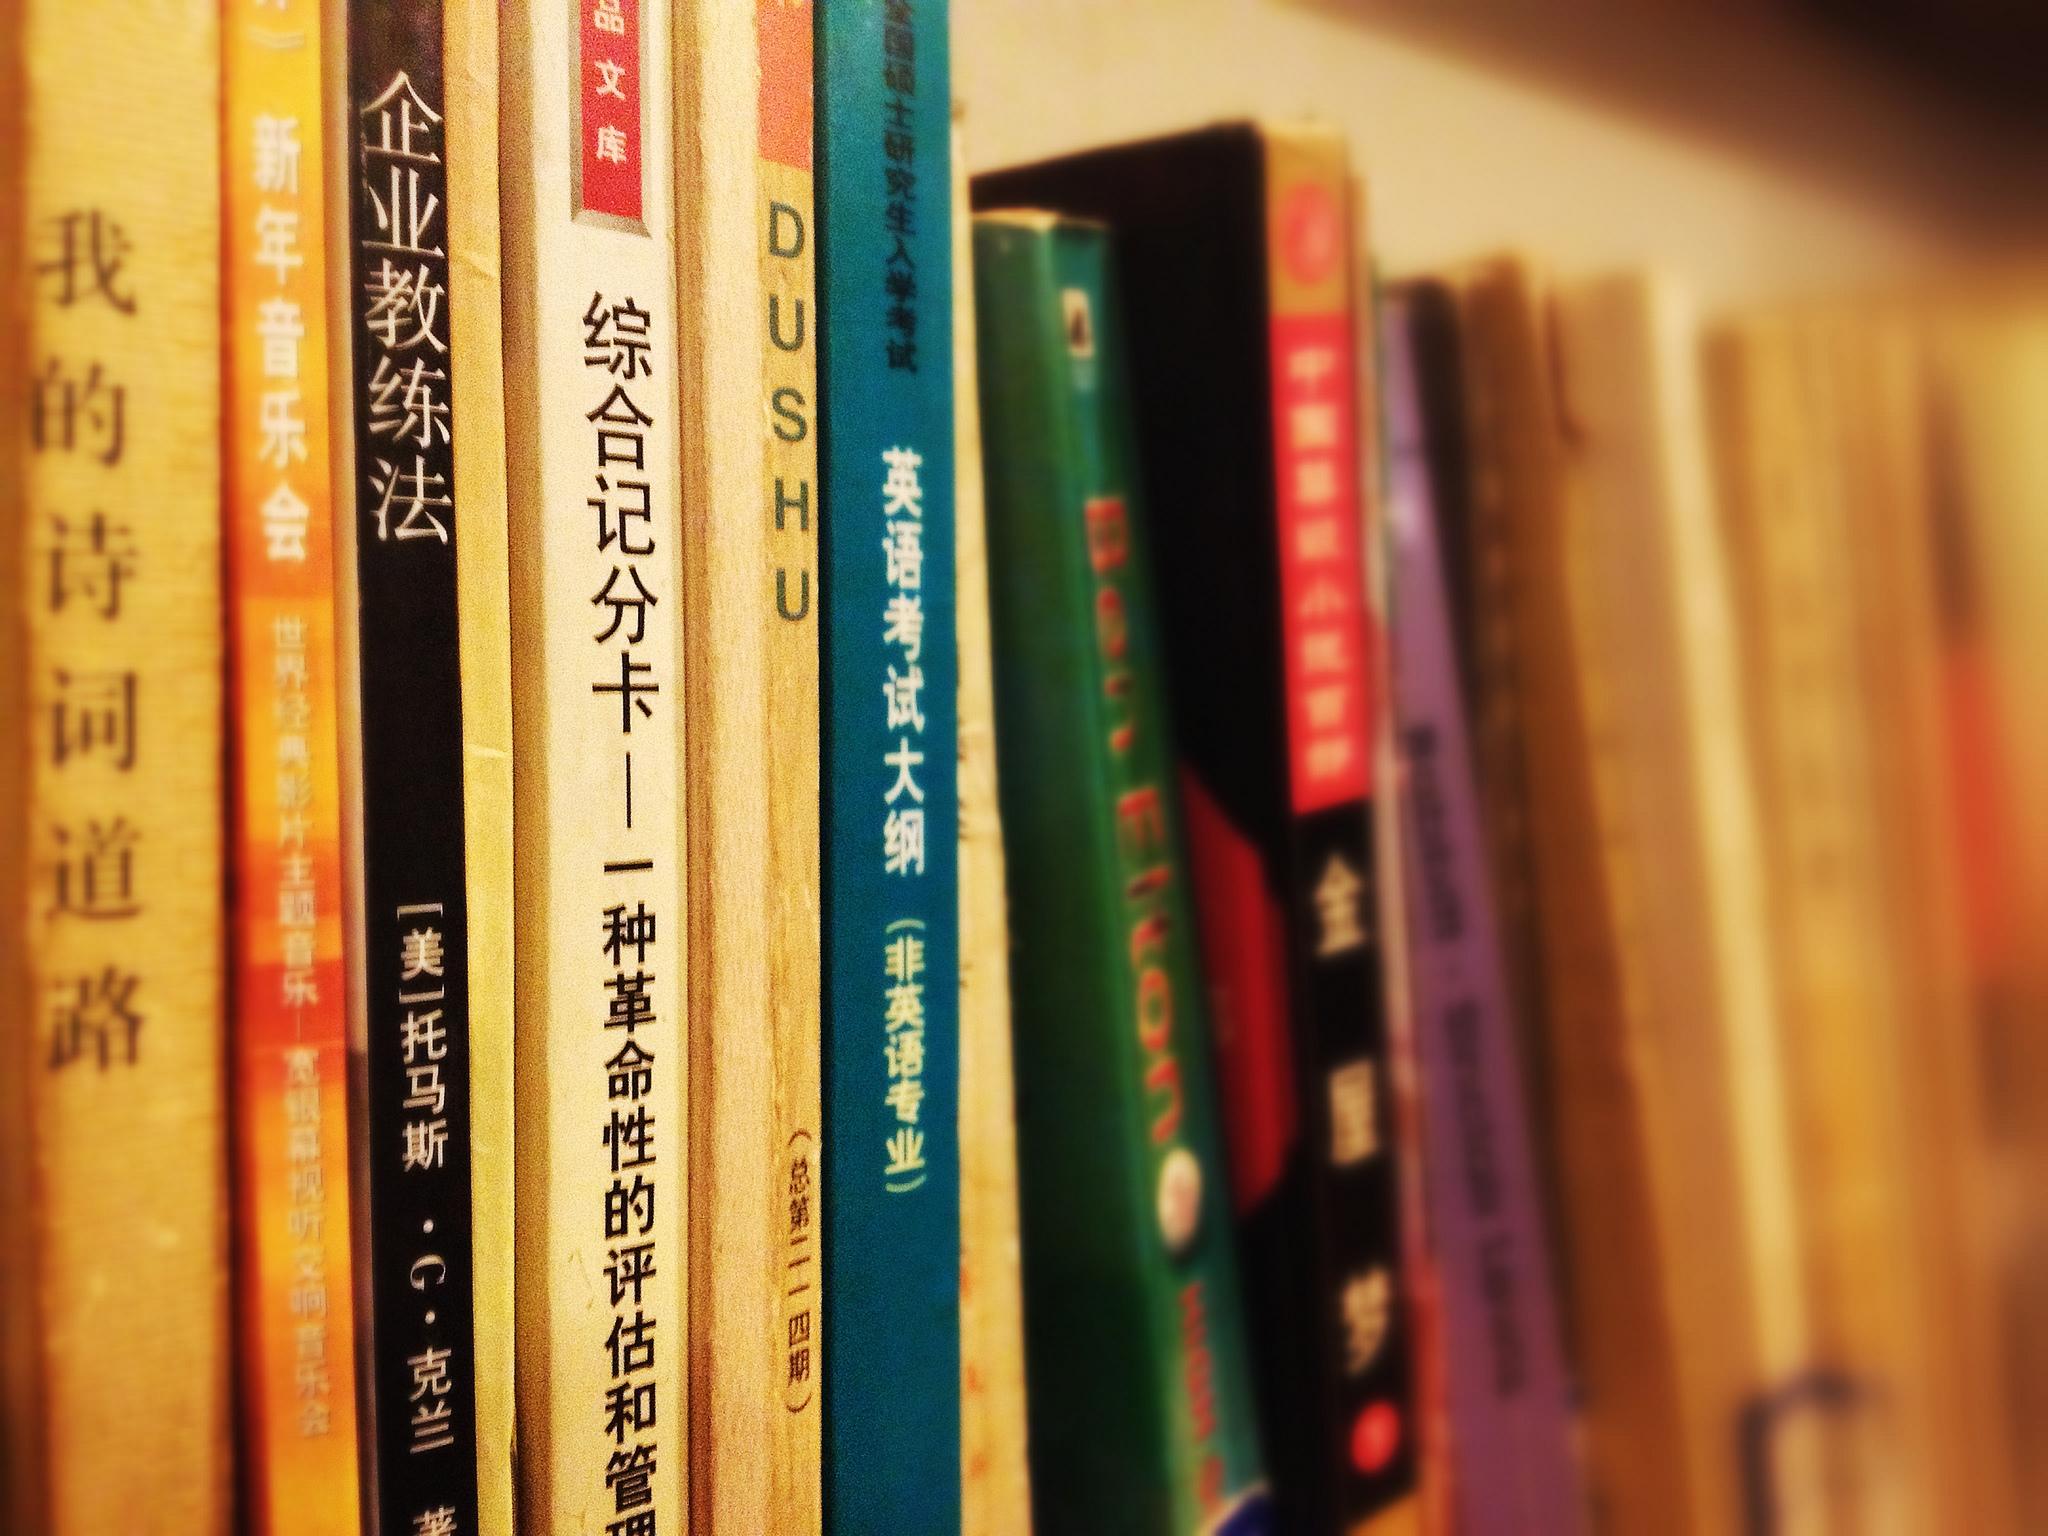 Books©Nomad YC/Flickr